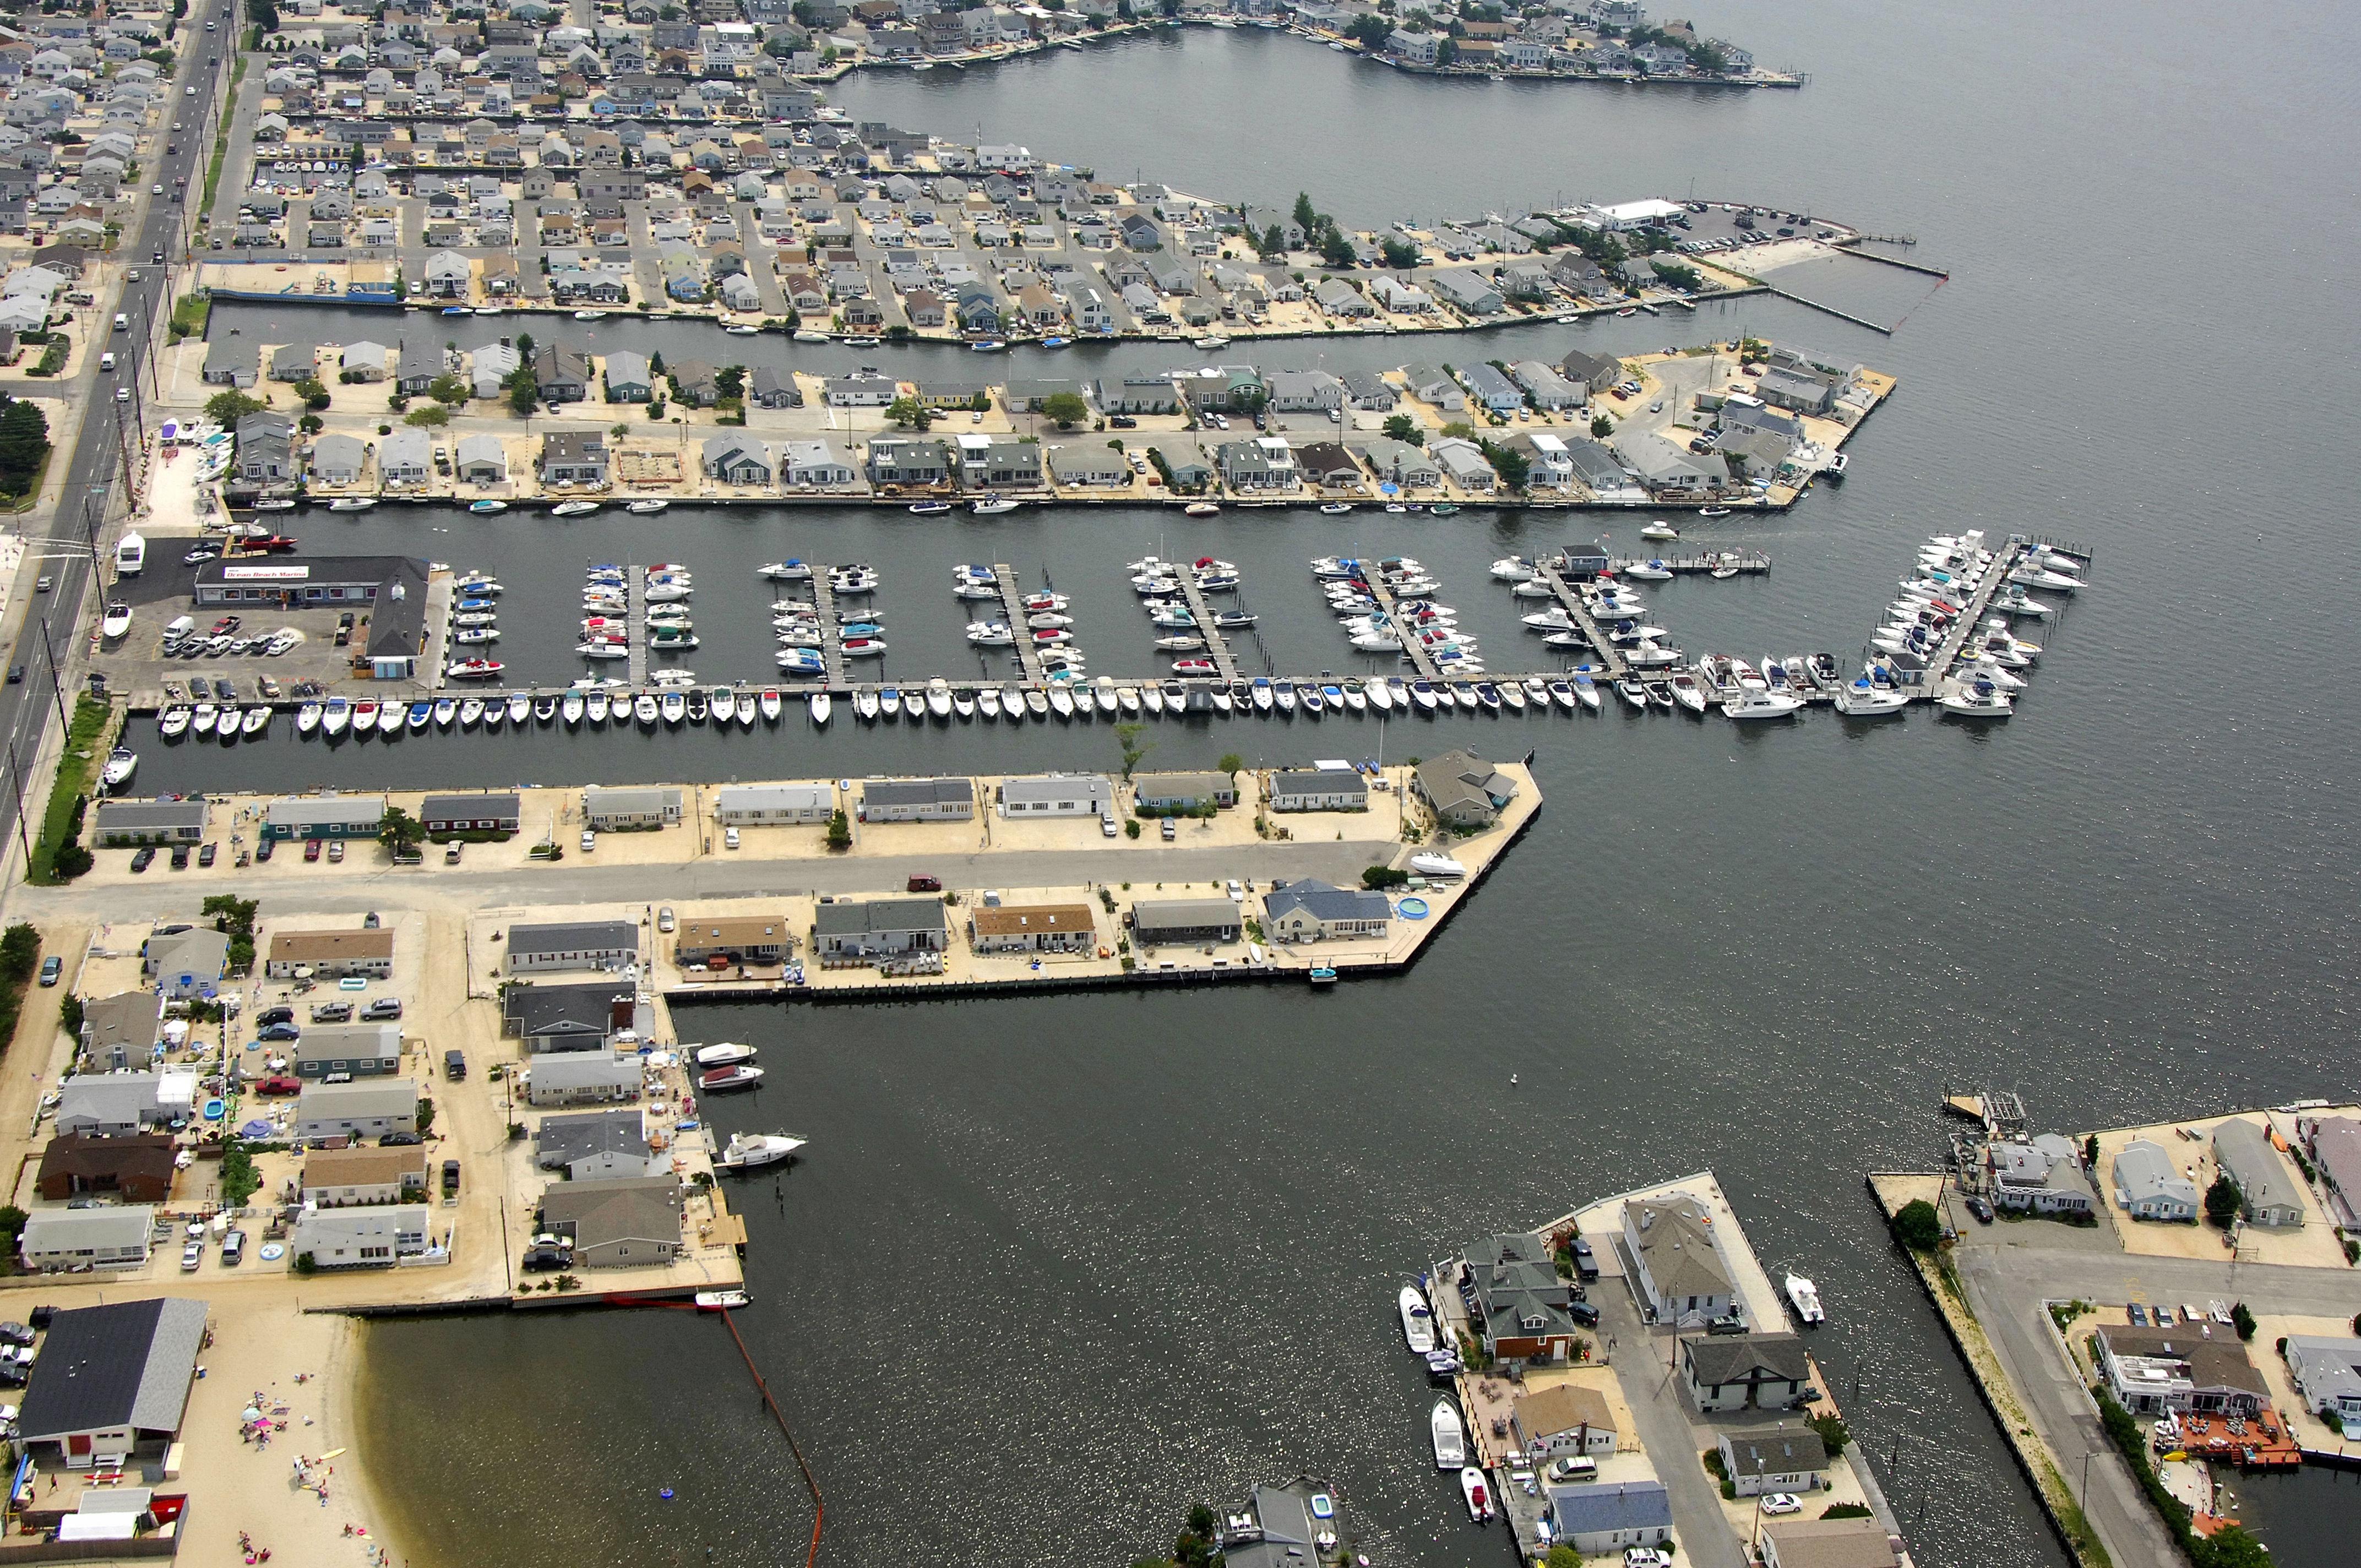 Ocean beach marine center in lavallette nj united states for Lavallette nj